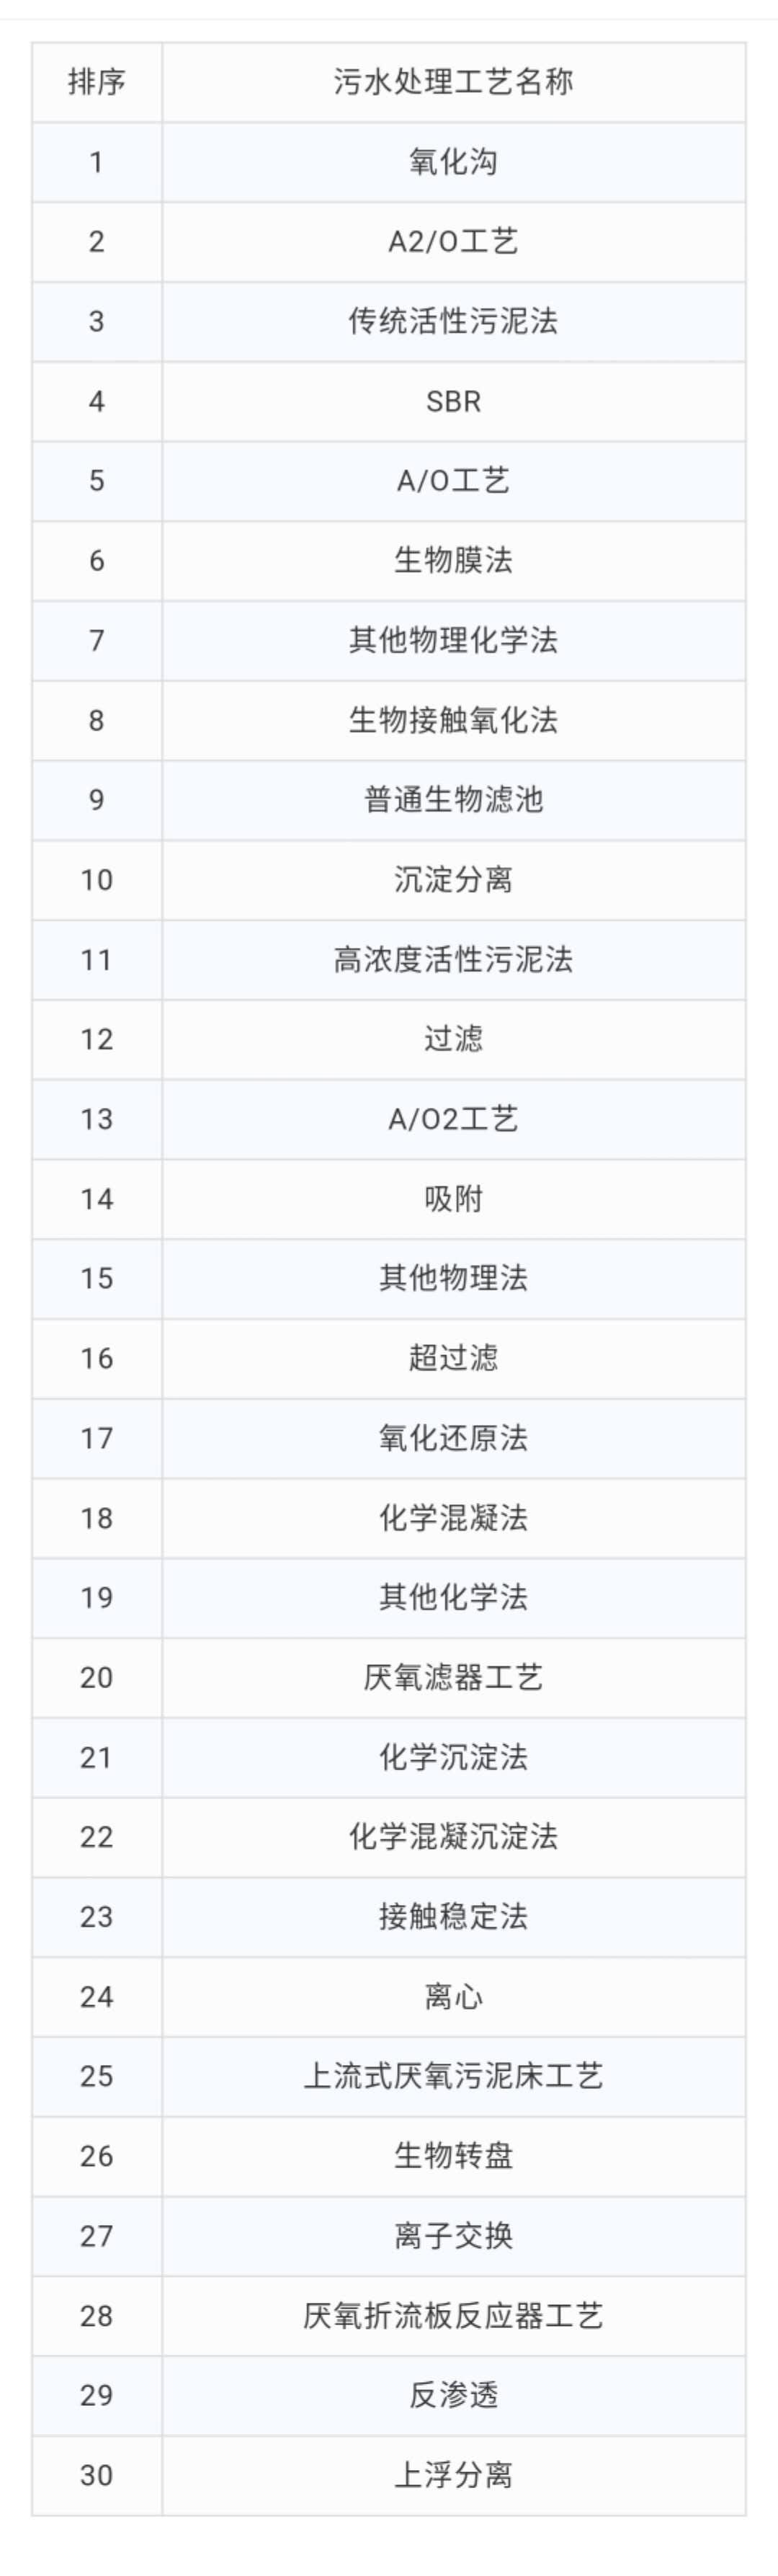 中国城镇污水处理厂主流工艺清单!